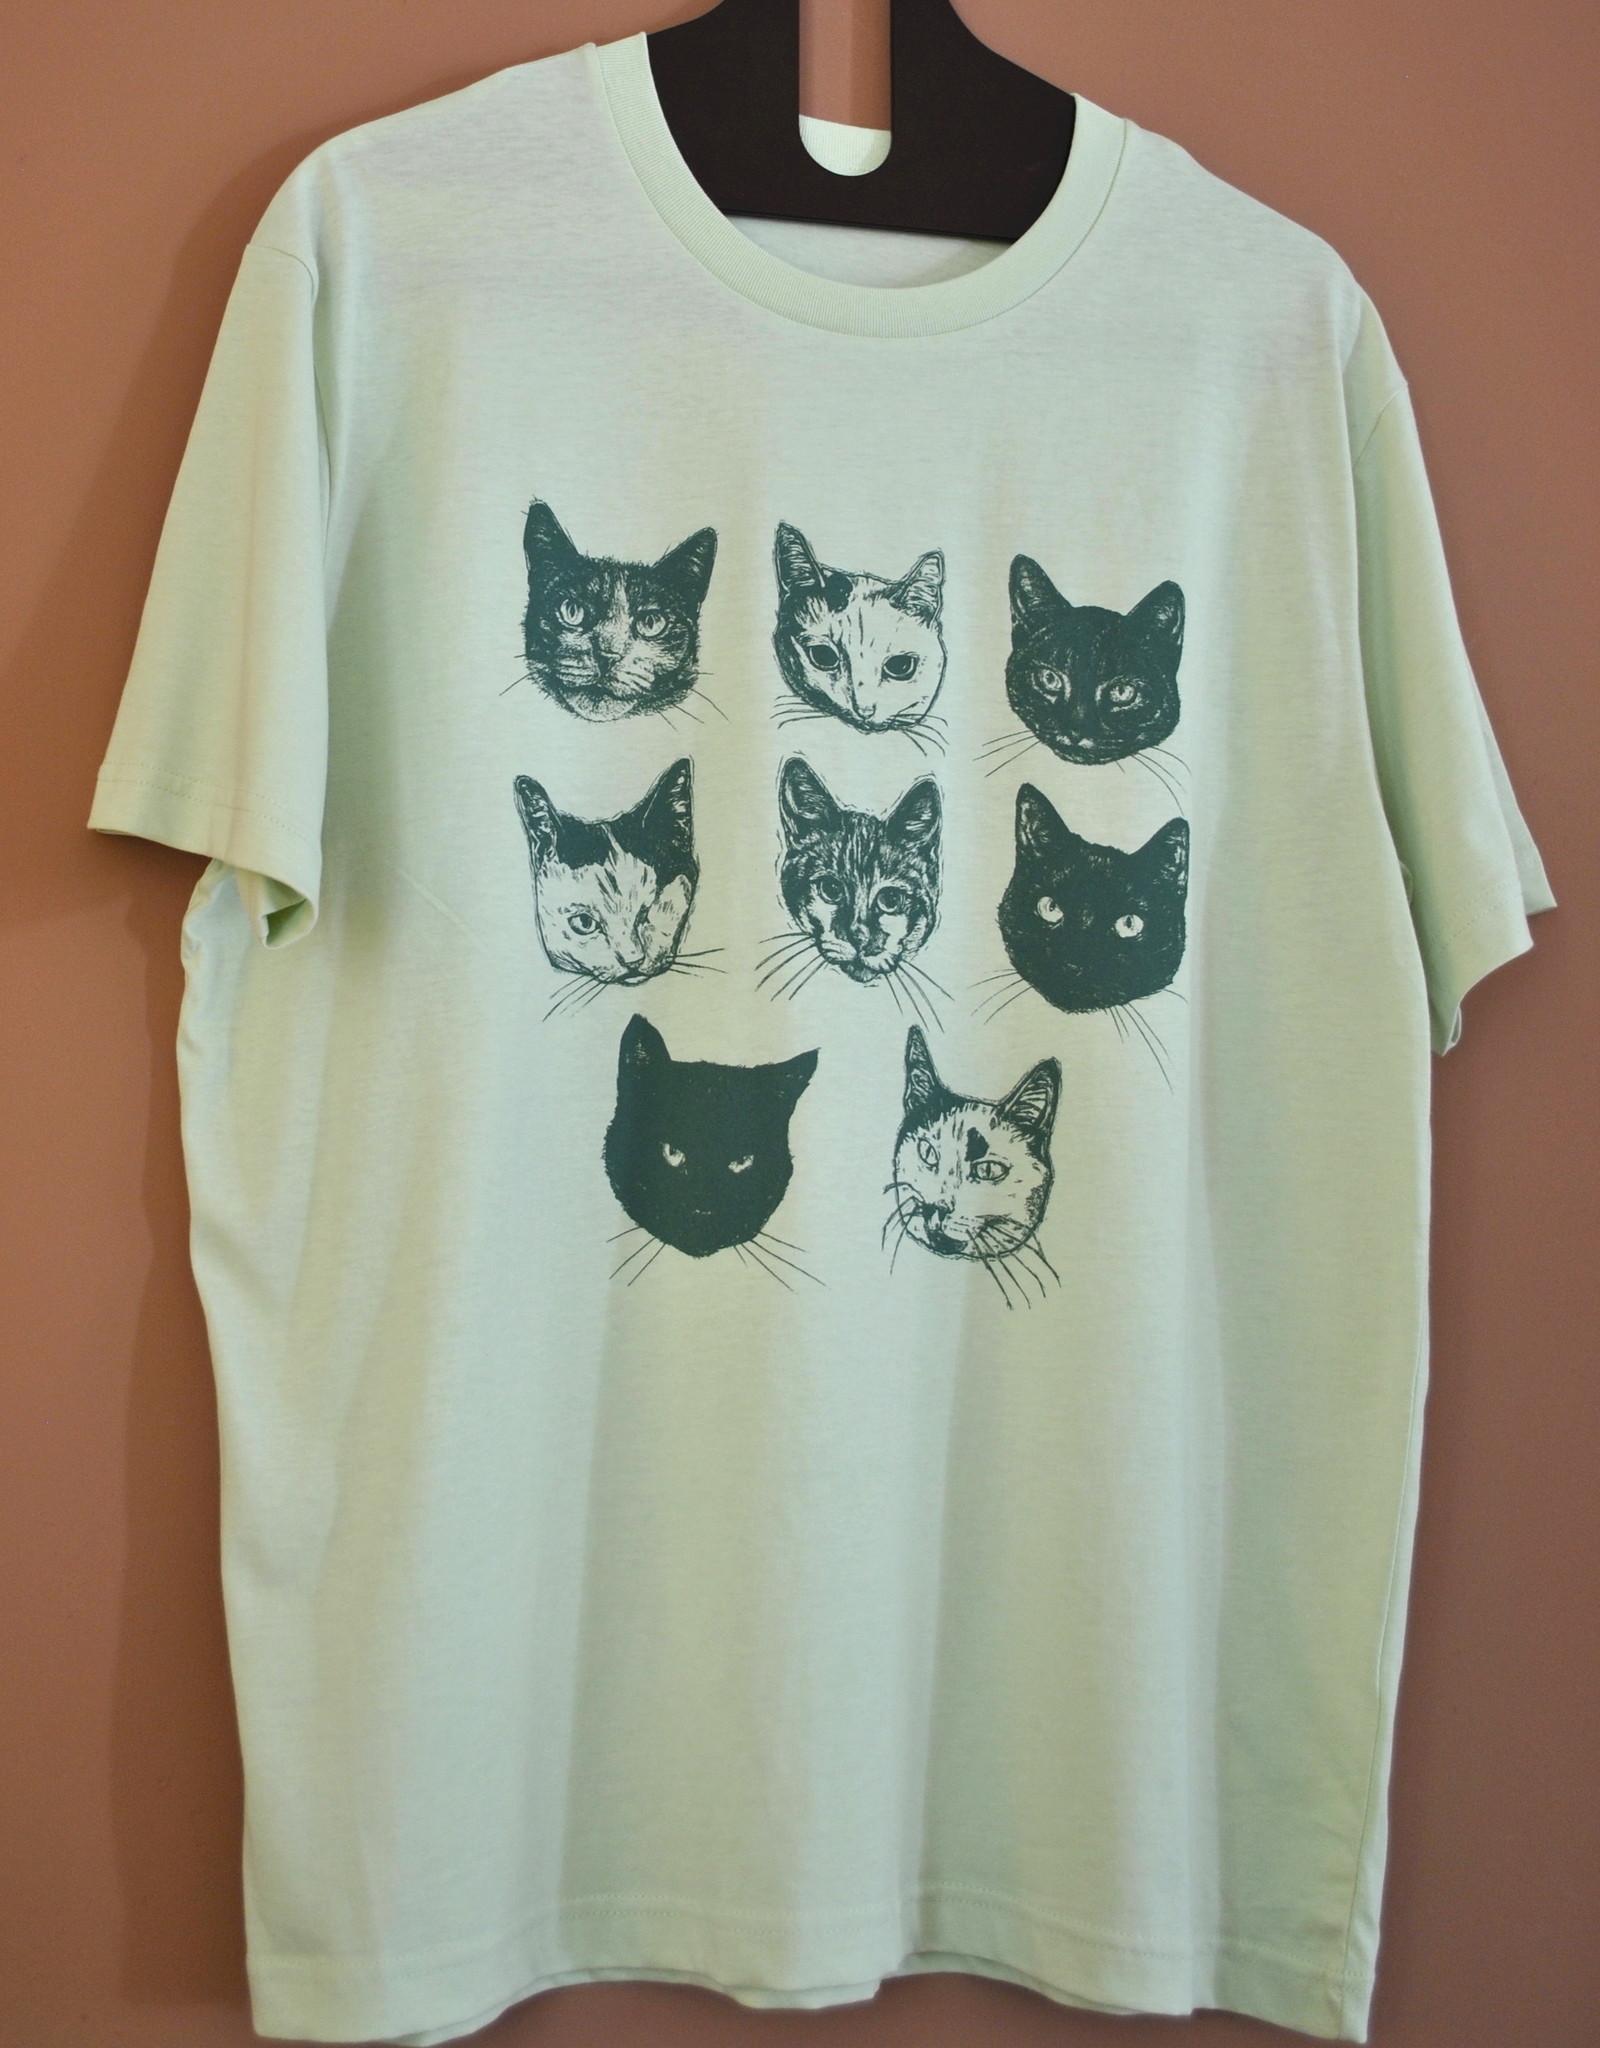 Kopjes Kopjes portretjes - T-shirt - Boxy- Green- L